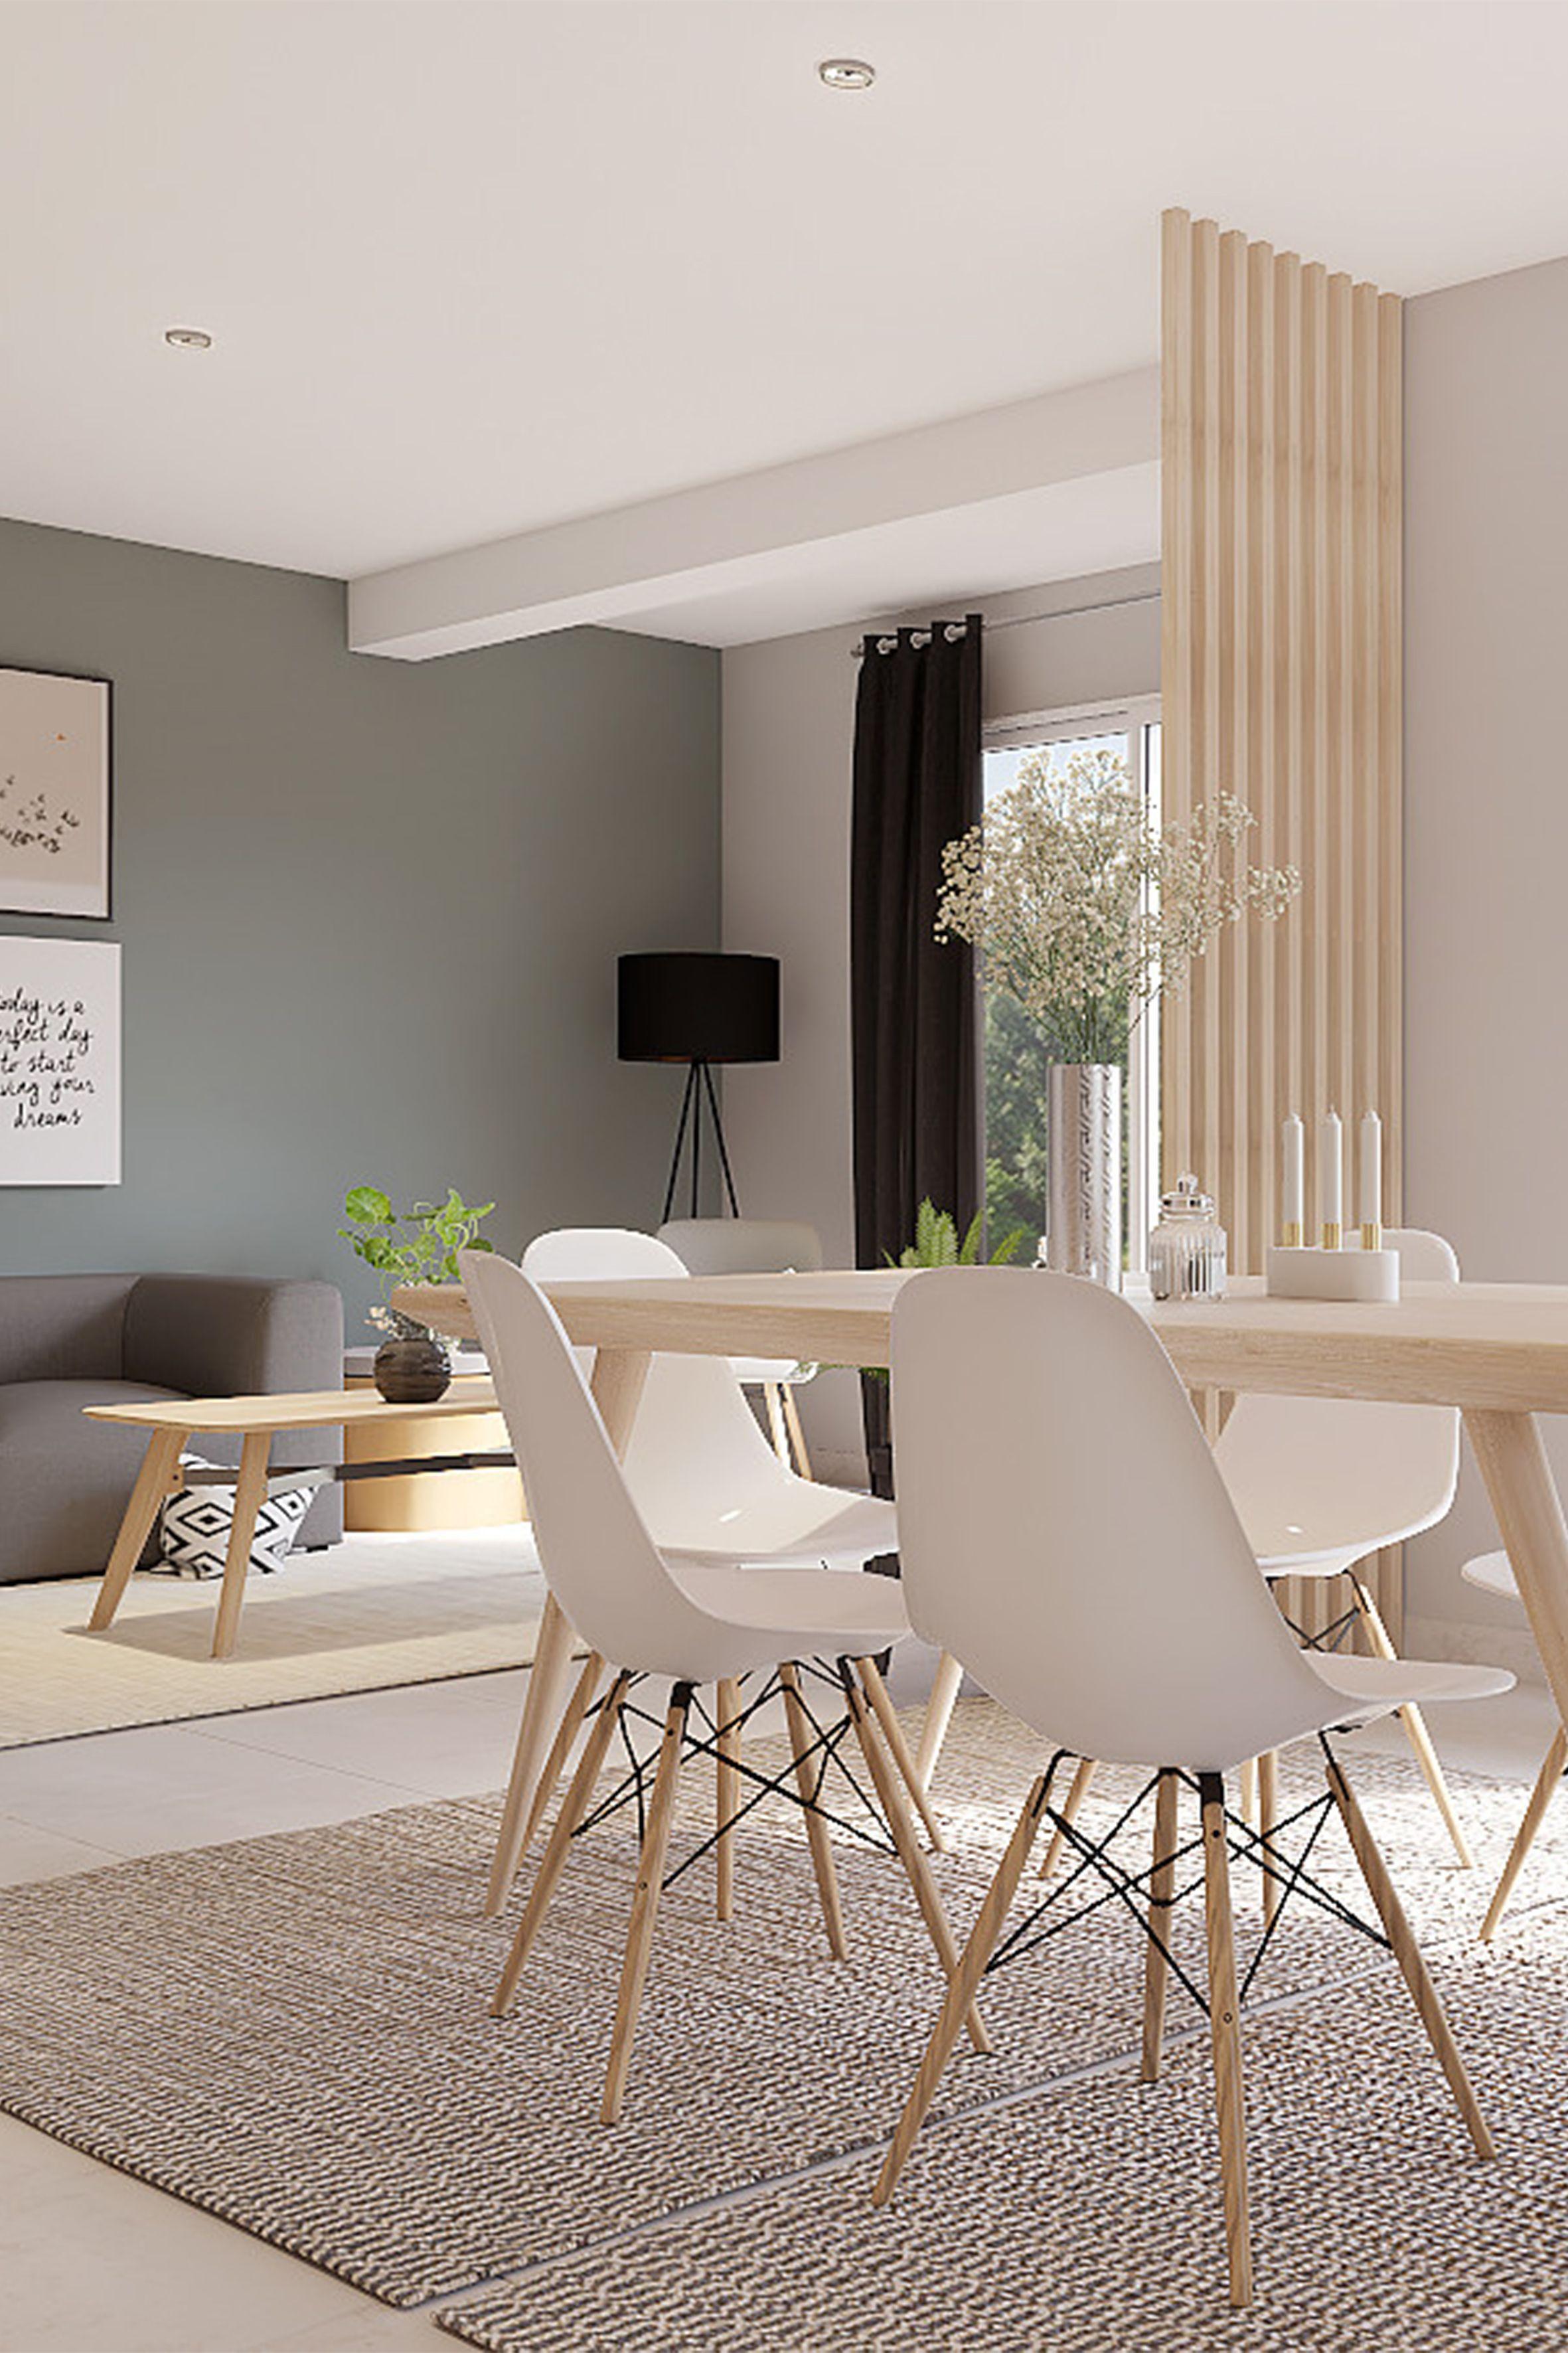 Projet 3d réalisé par marion pour le 4ème épisode de battle déco découvrez comment décorer une pièce de vie dans un style scandinave déco 3d salon